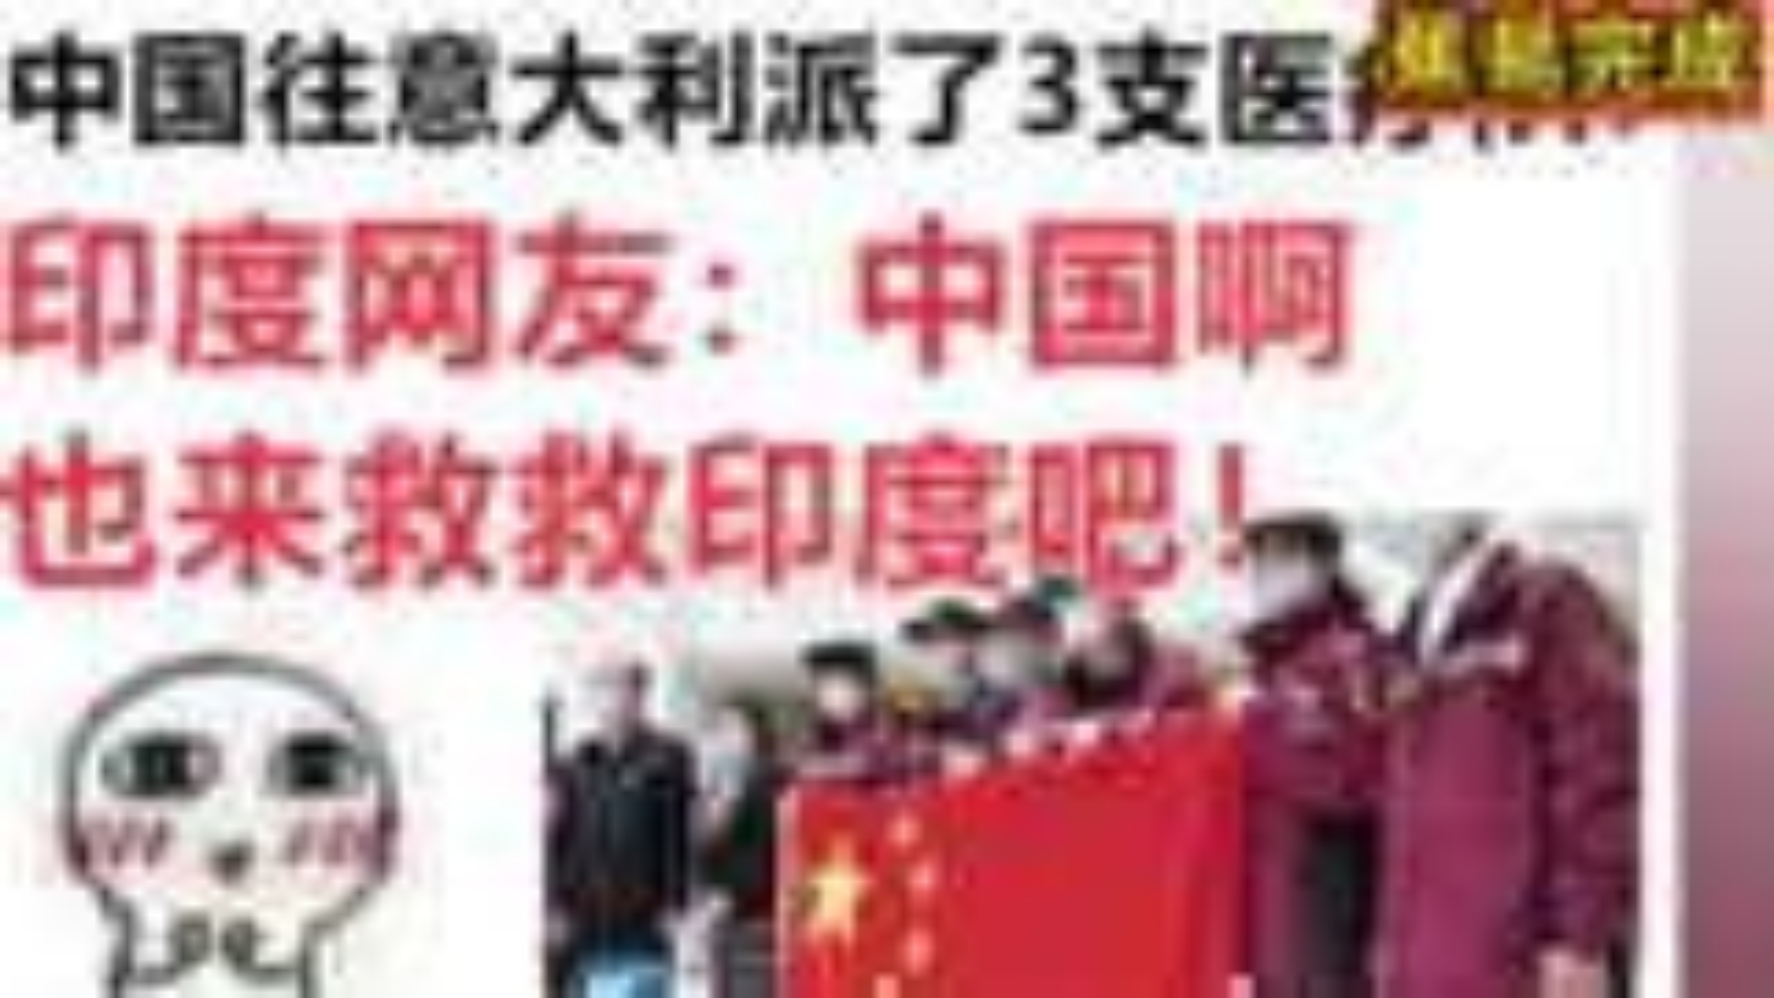 看到中国向意大利派出医疗队!印度网友:【中国啊,也救救印度吧】!